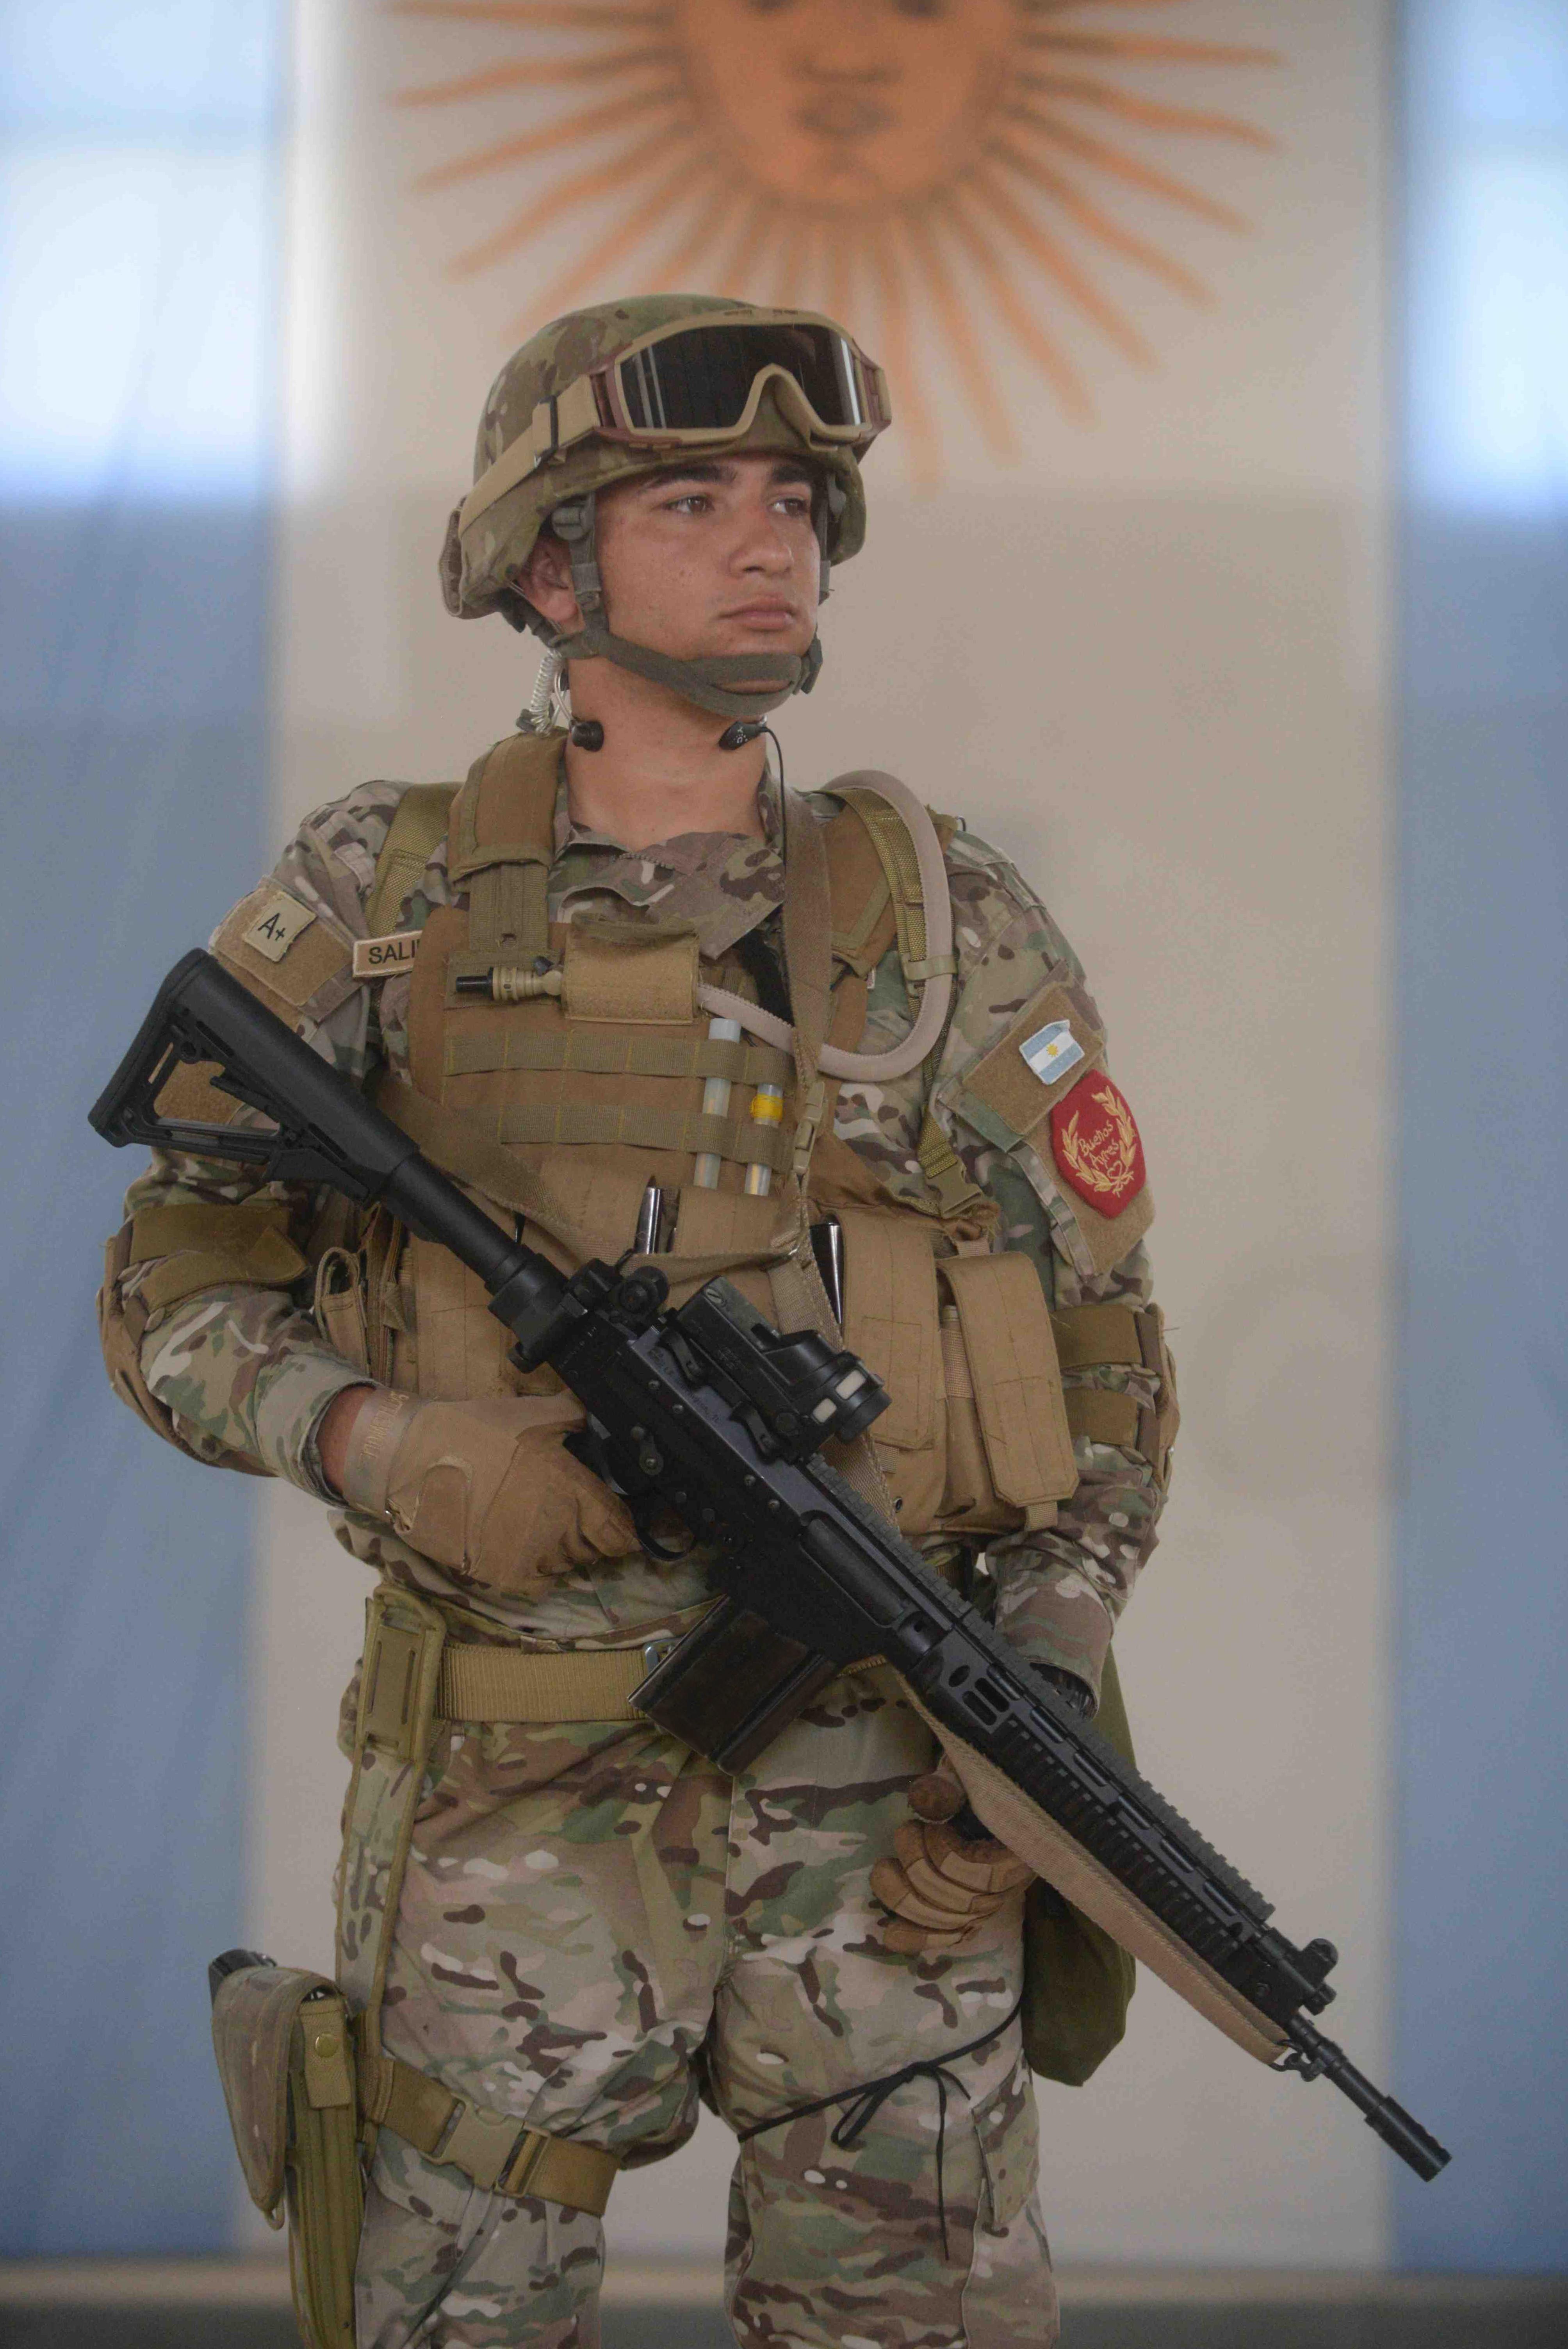 El nuevo FAL permitirá dotar al soldado argentino de un arma adecuada para enfrentar los desafíos del combate moderno.